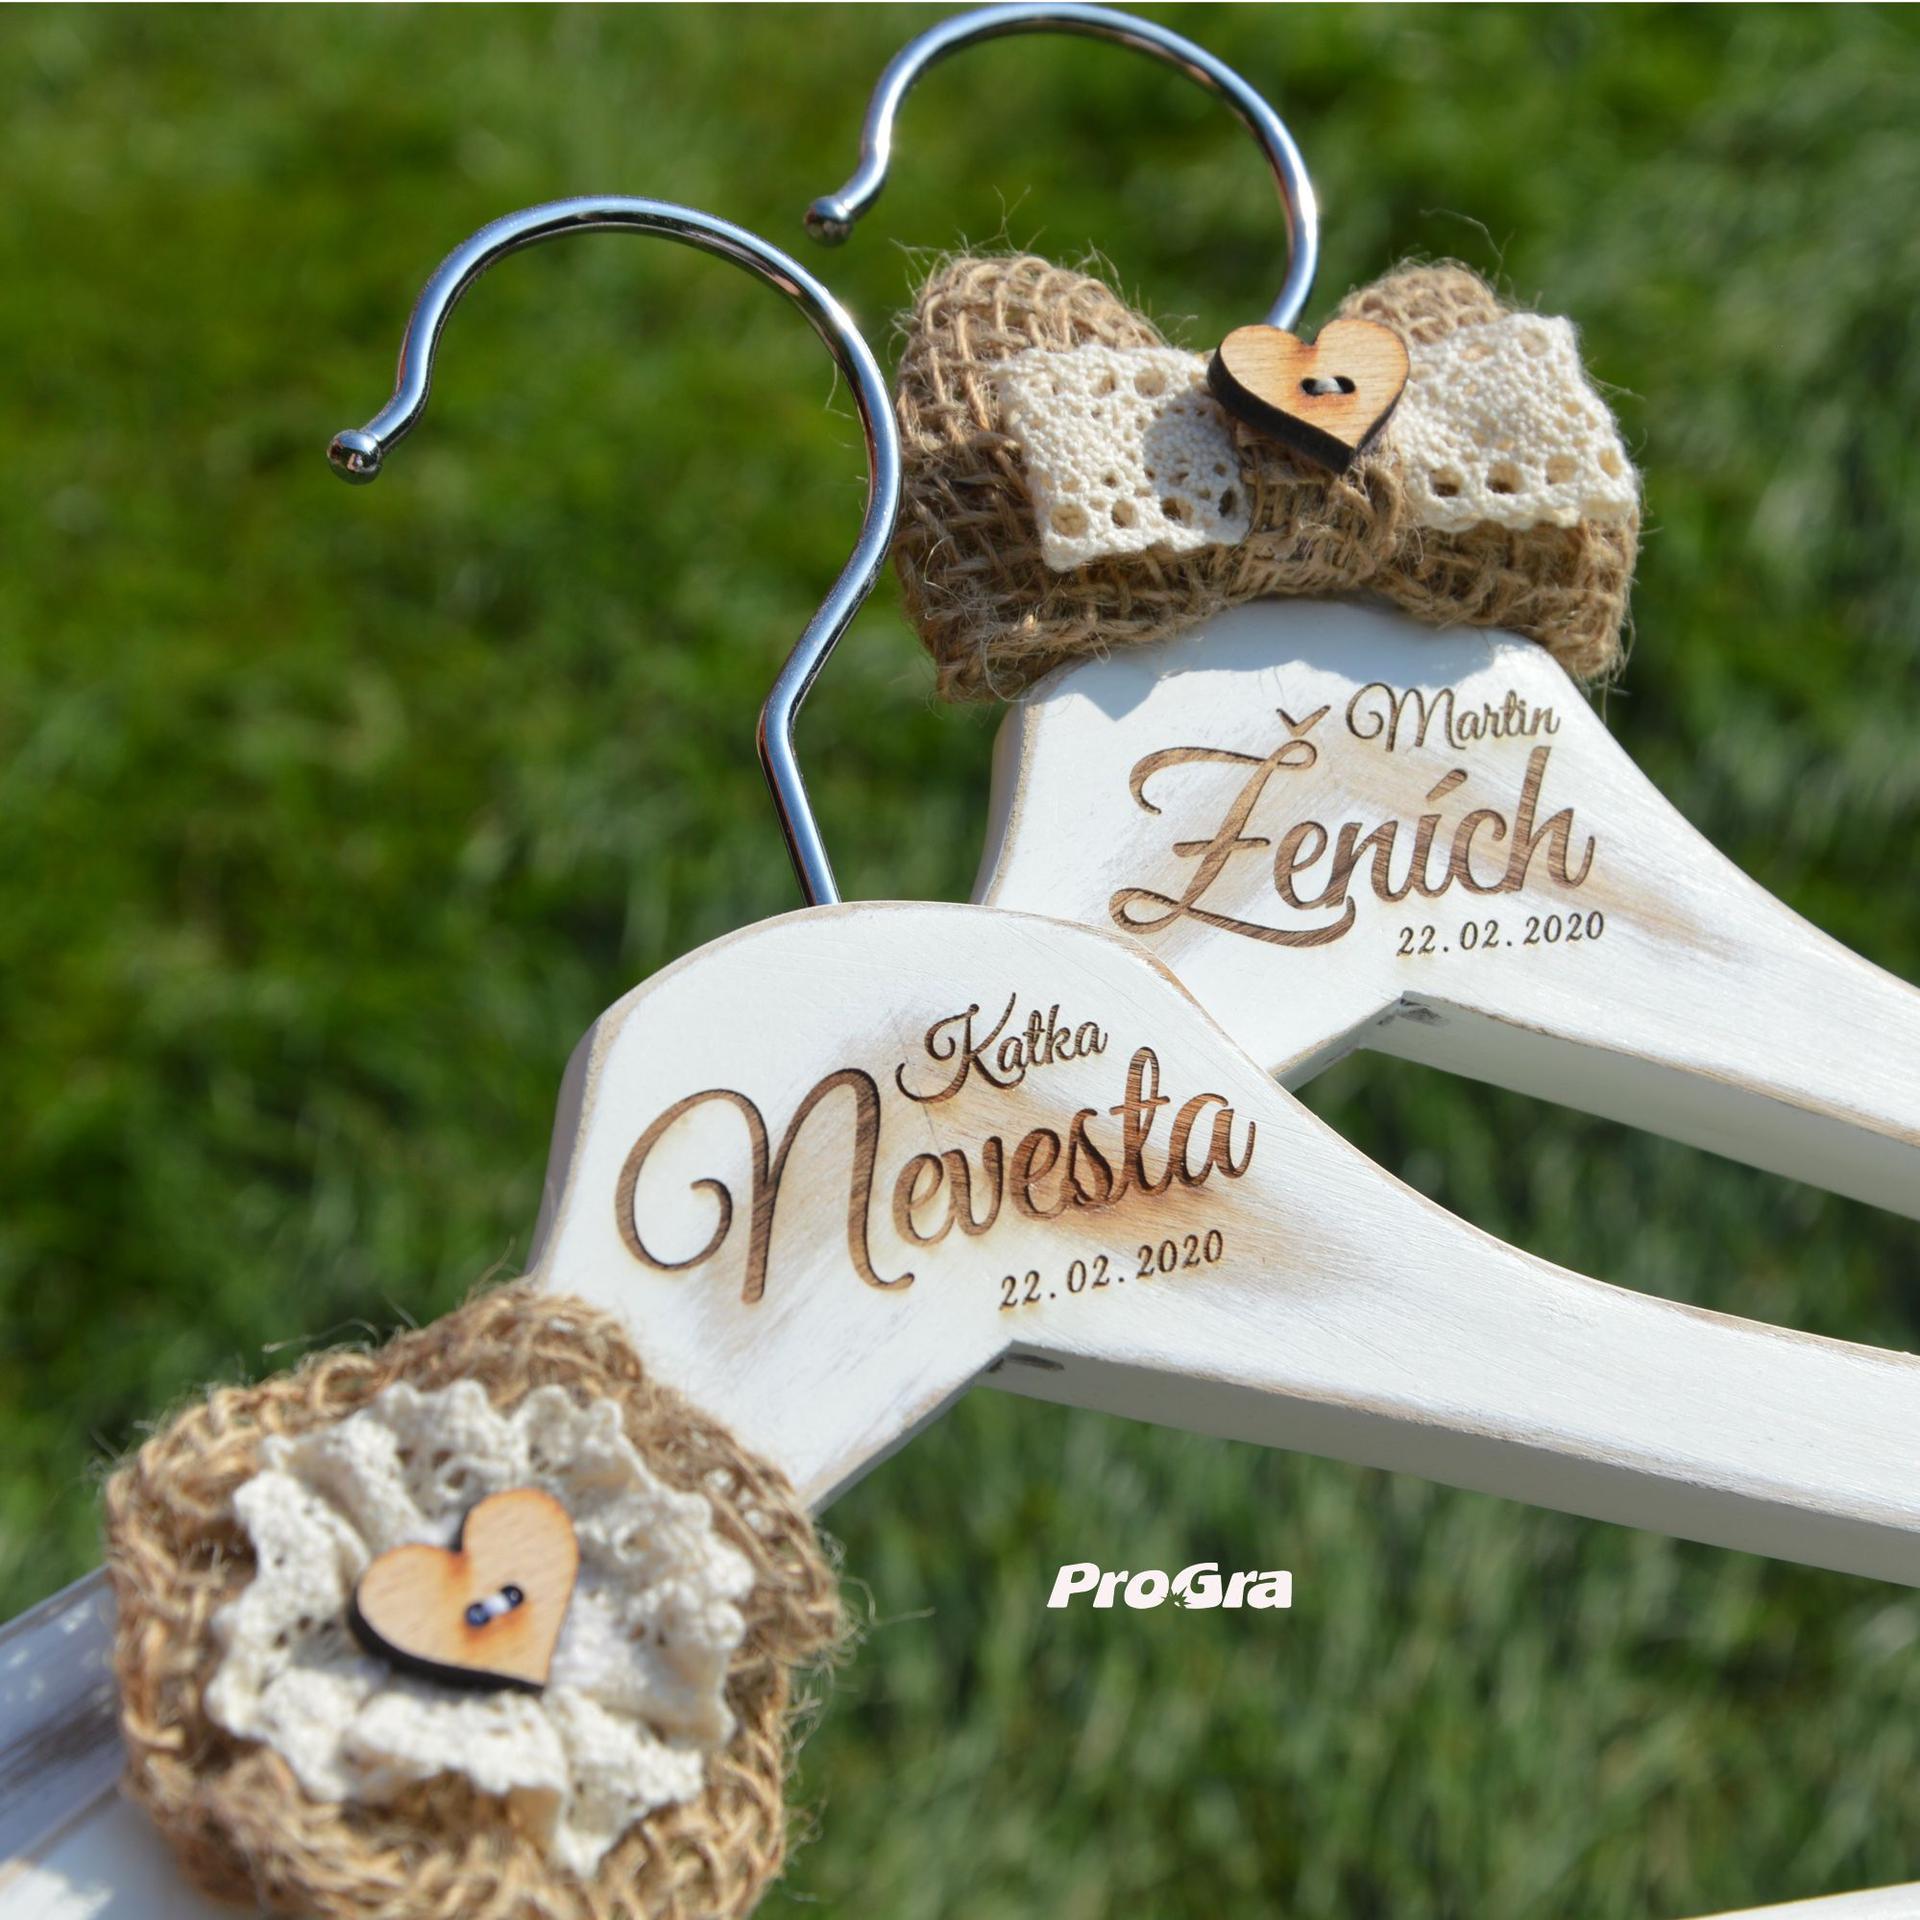 Originální Svatební Doplňky - Personalizované gravírované svatební věšáčky se stylovými ozdůbkami z juty - krásné pro svatbu laděnou do přírodního stylu